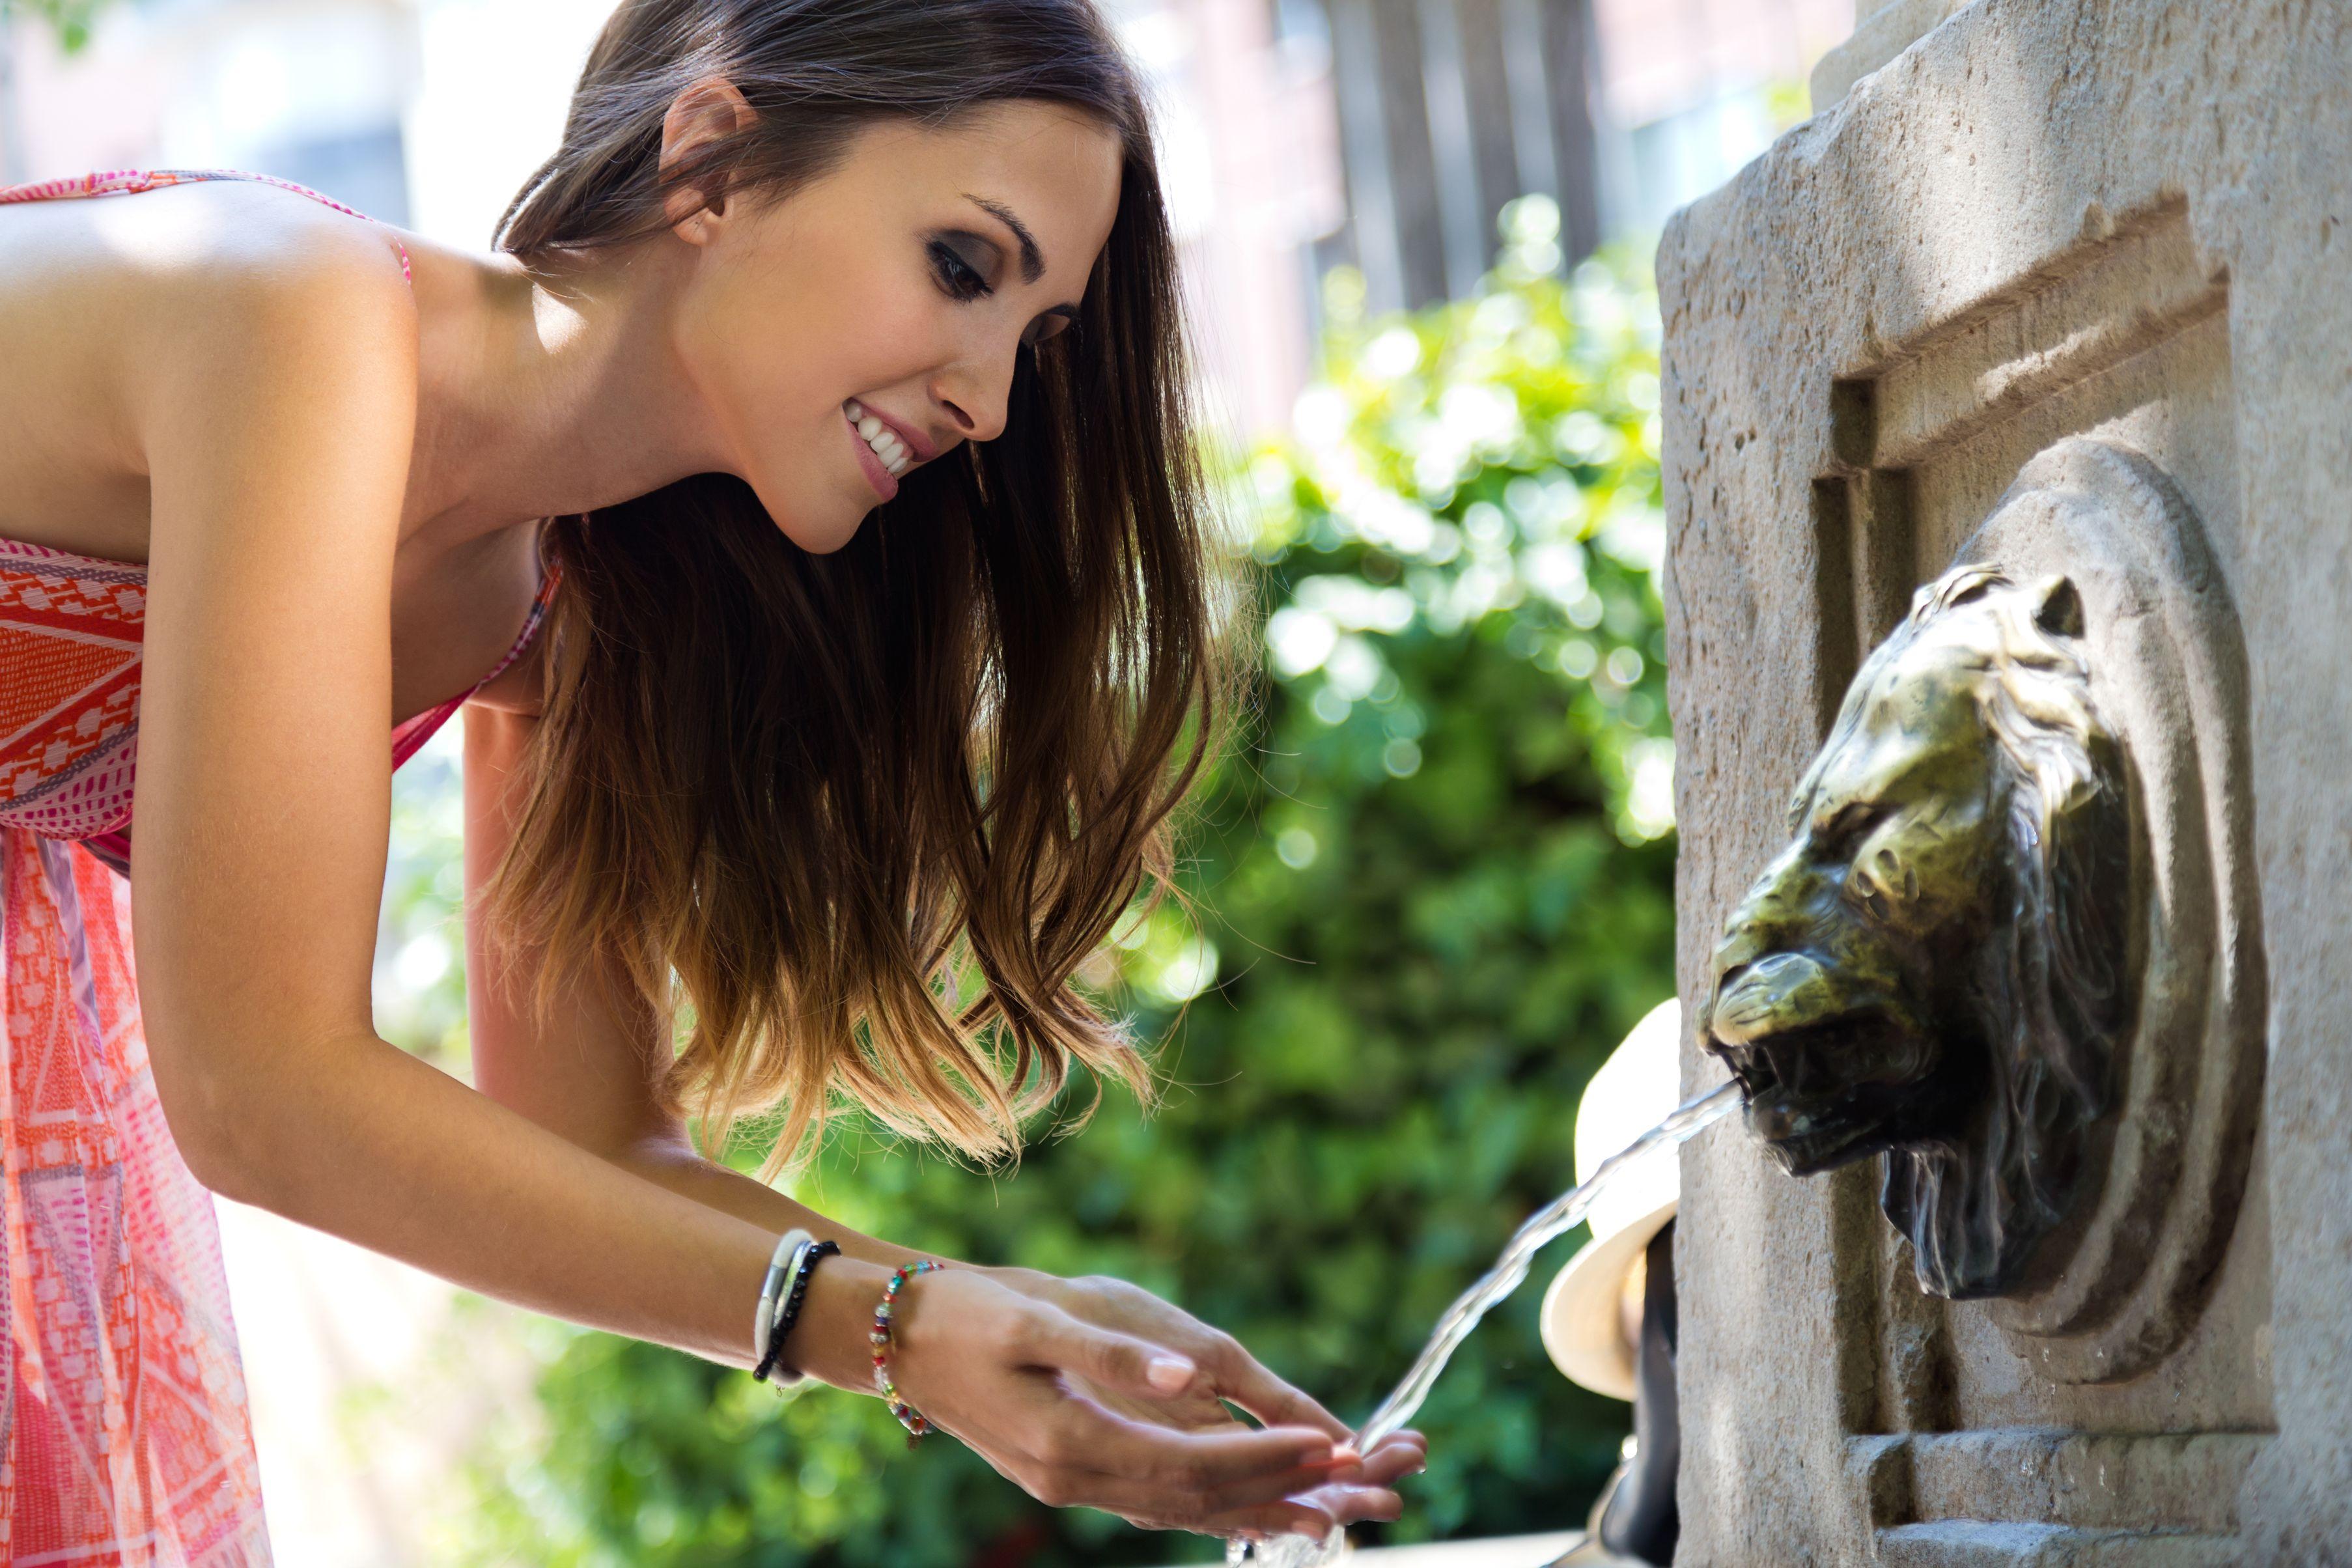 énergy-énergie-autonomie-autonomy-maison autonome-natuel-maître d'oeuvre-constructeur-artisan- autonomie vivante-toitot maison autonome-construction-énergies renouvelables-habitat naturel-house-chauffage-water-eau-filtration-fontaine